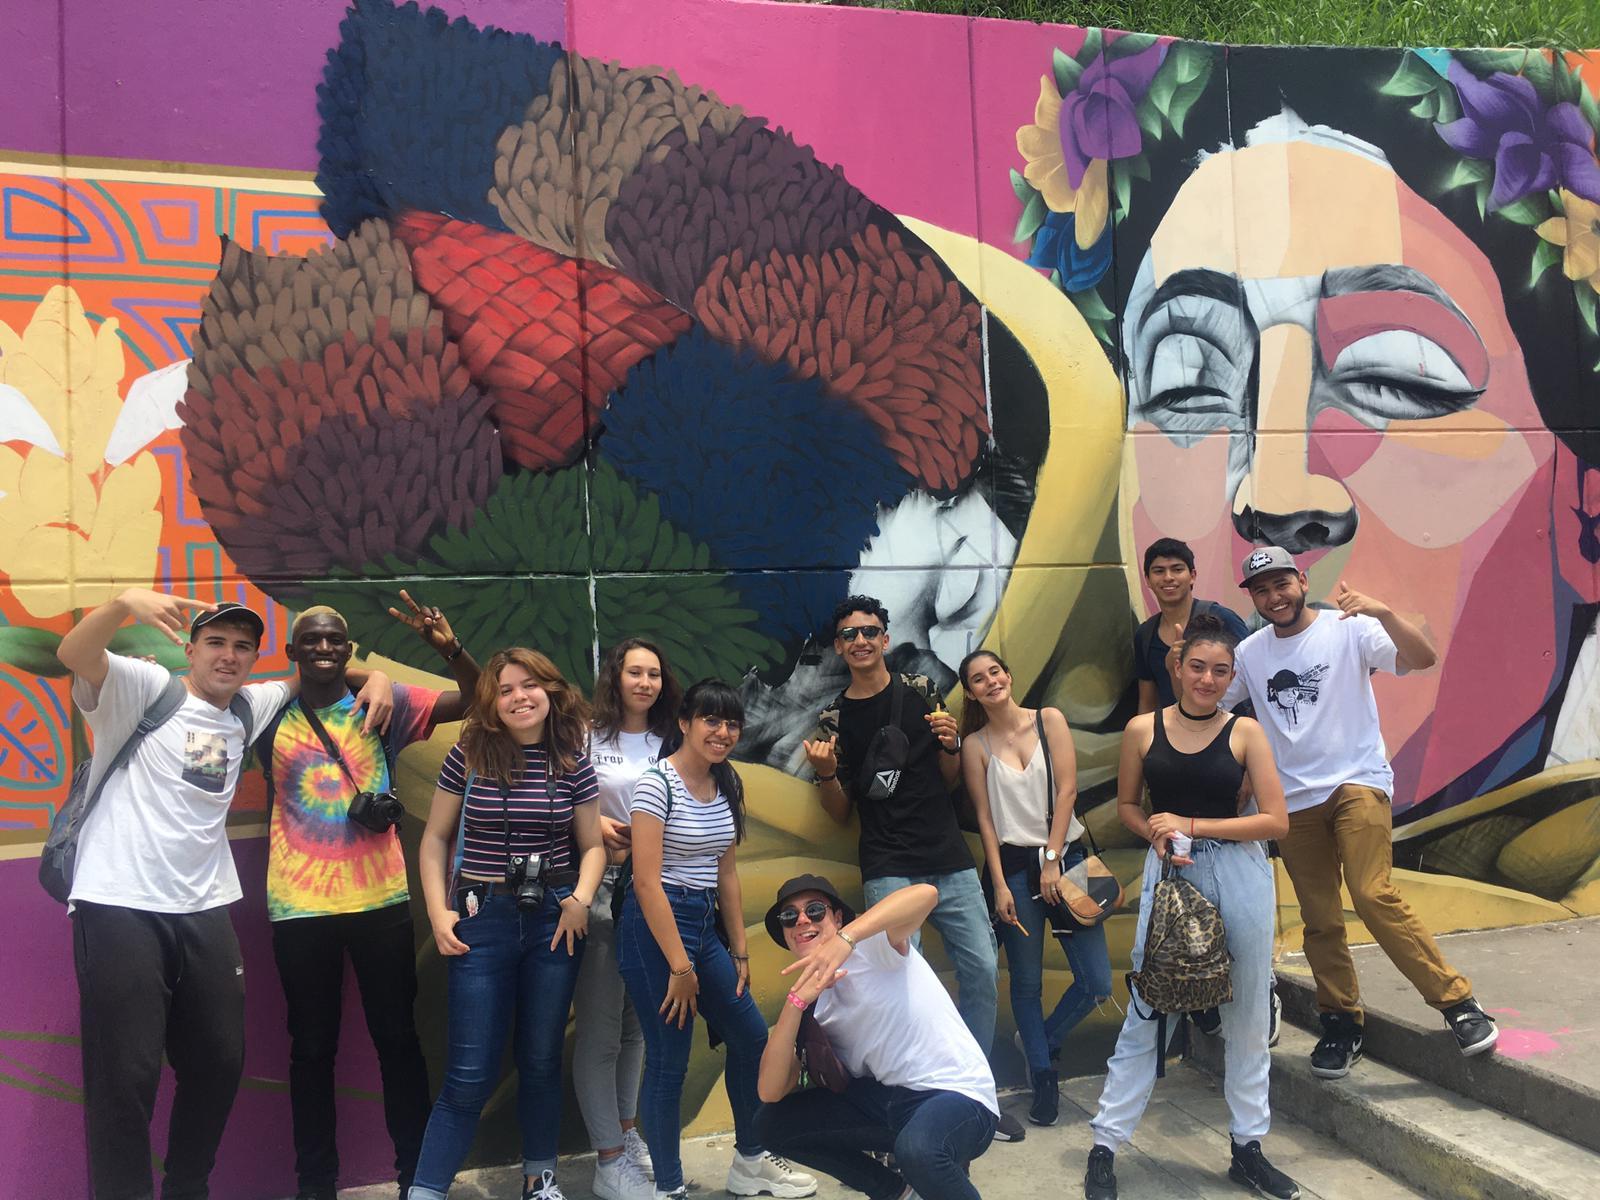 De Suger à Medellin : carnet de voyage